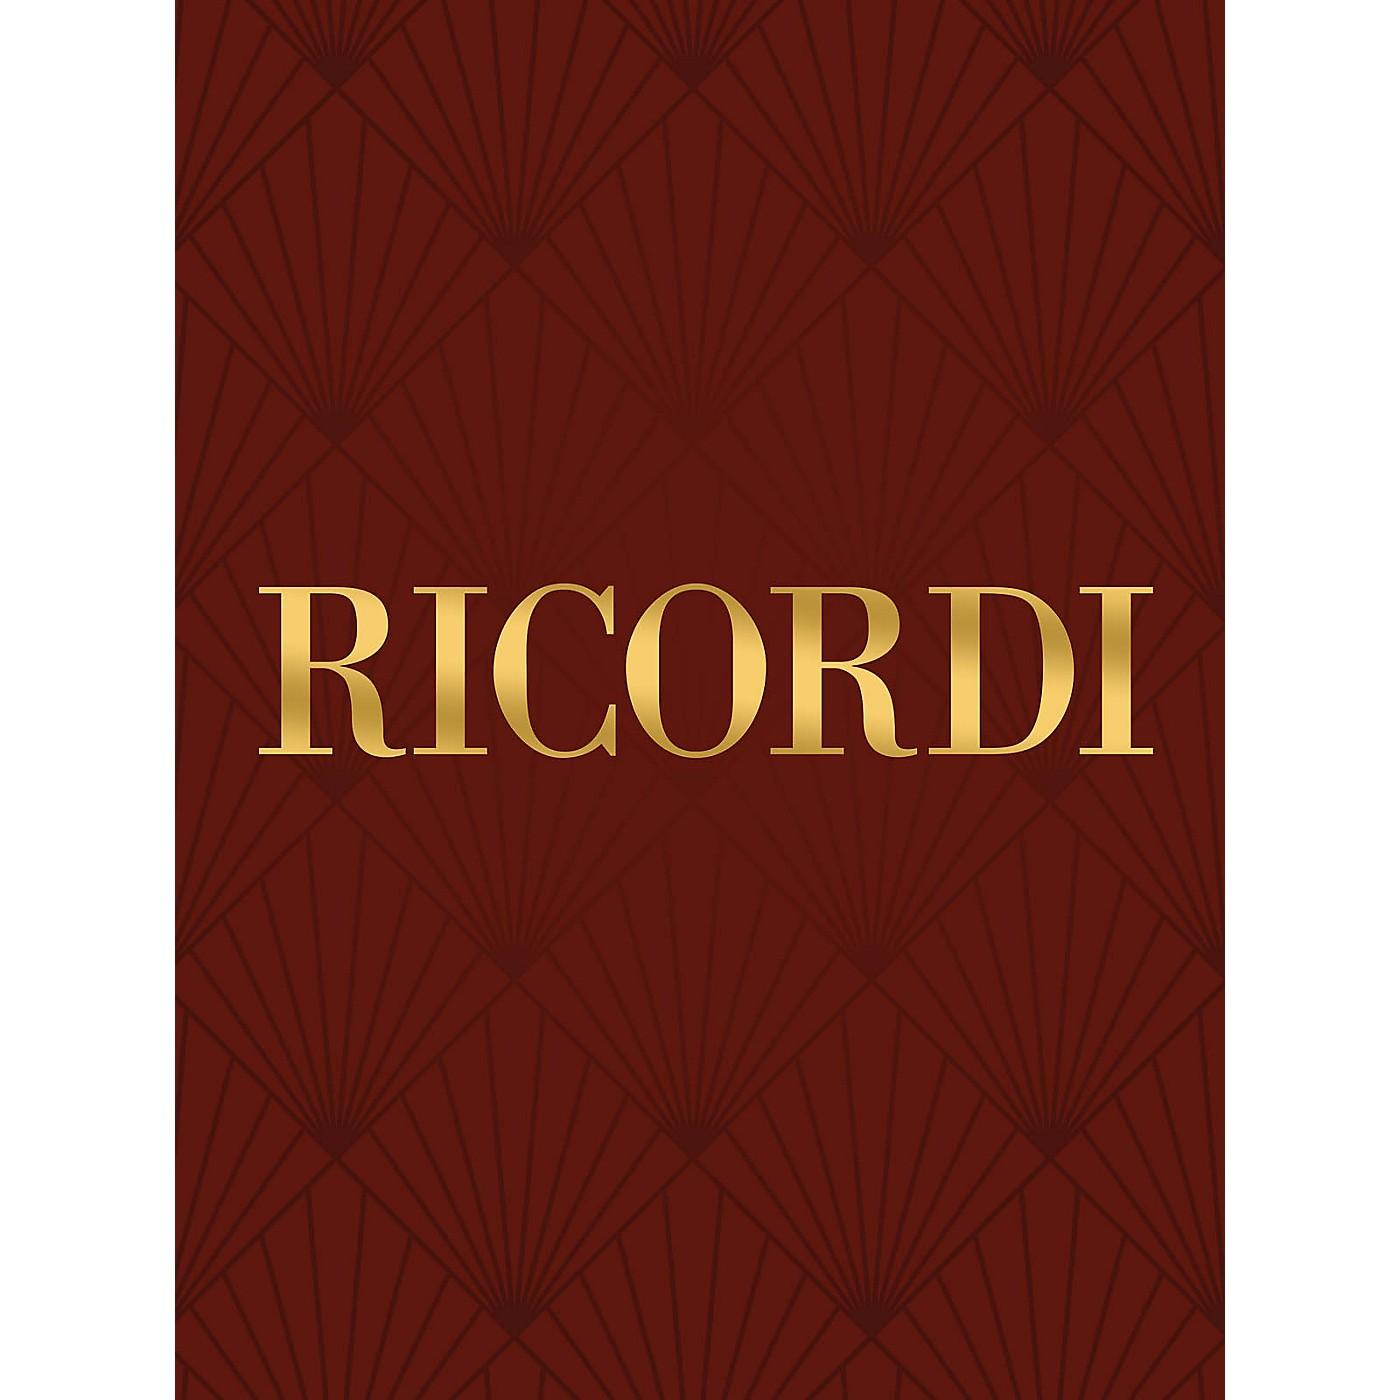 Ricordi Che giova il sospirar, povero core RV679 Study Score by Antonio Vivaldi Edited by Francesco Degrada thumbnail